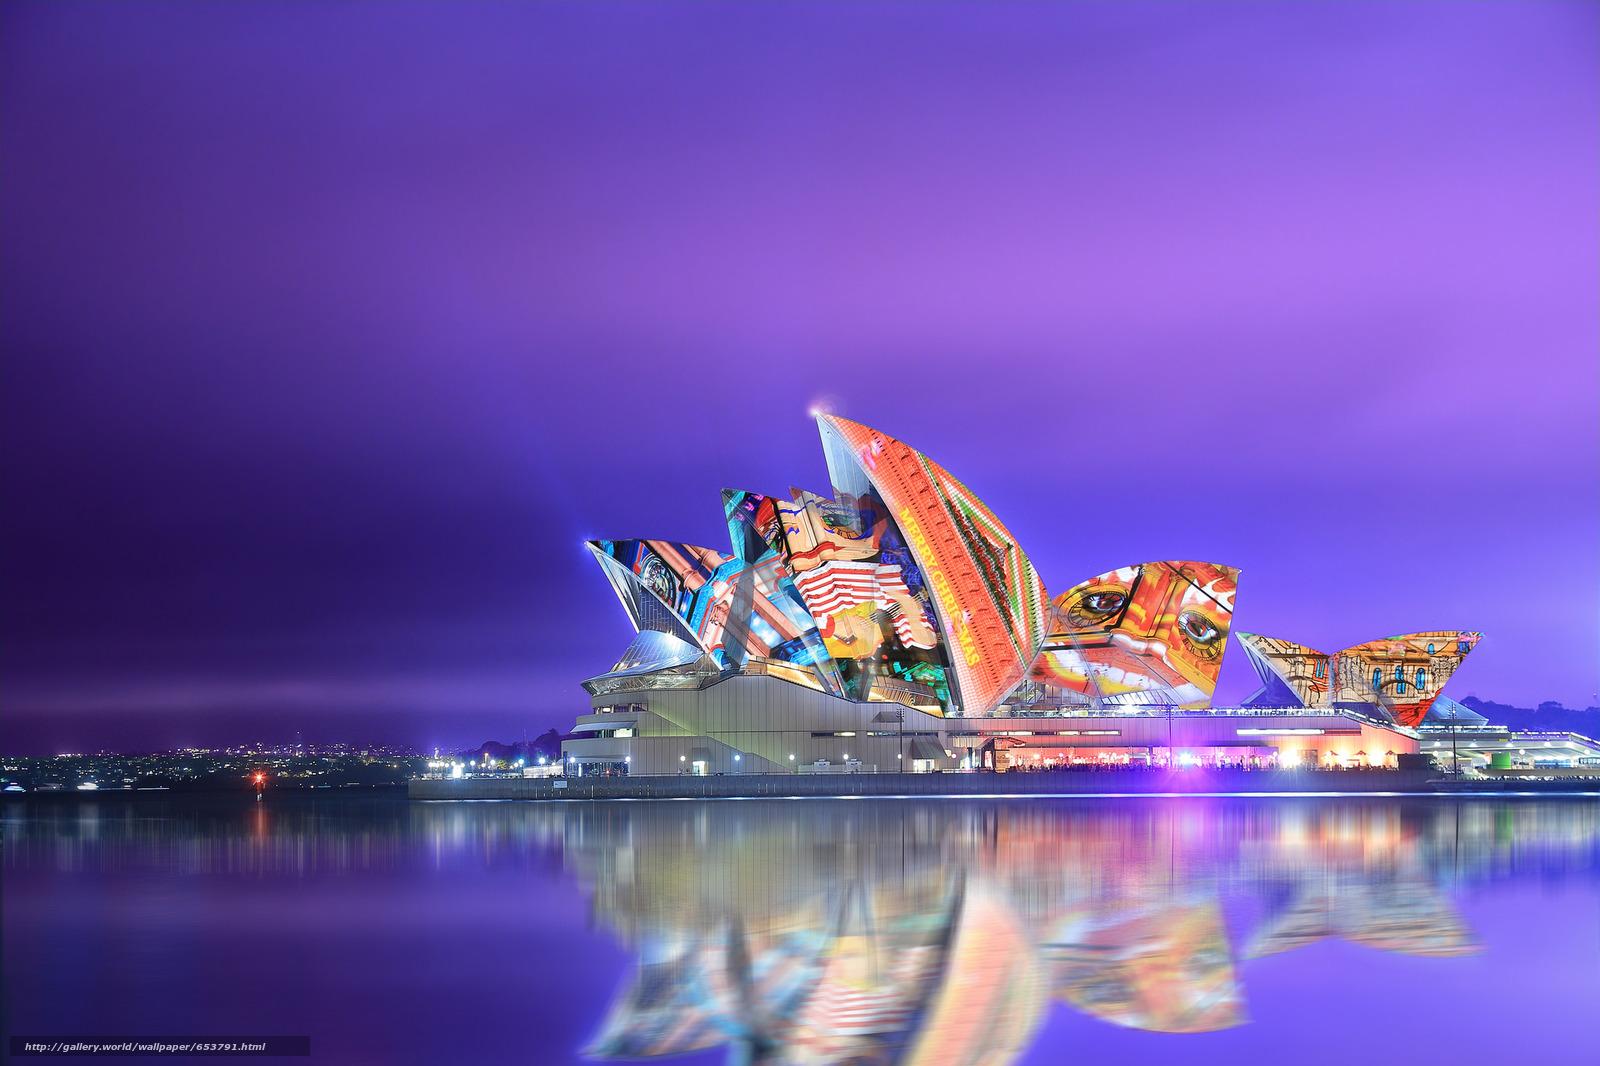 壁紙をダウンロード シドニー,  オーストラリア,  シドニー,  オーストラリア デスクトップの解像度のための無料壁紙 2048x1365 — 絵 №653791